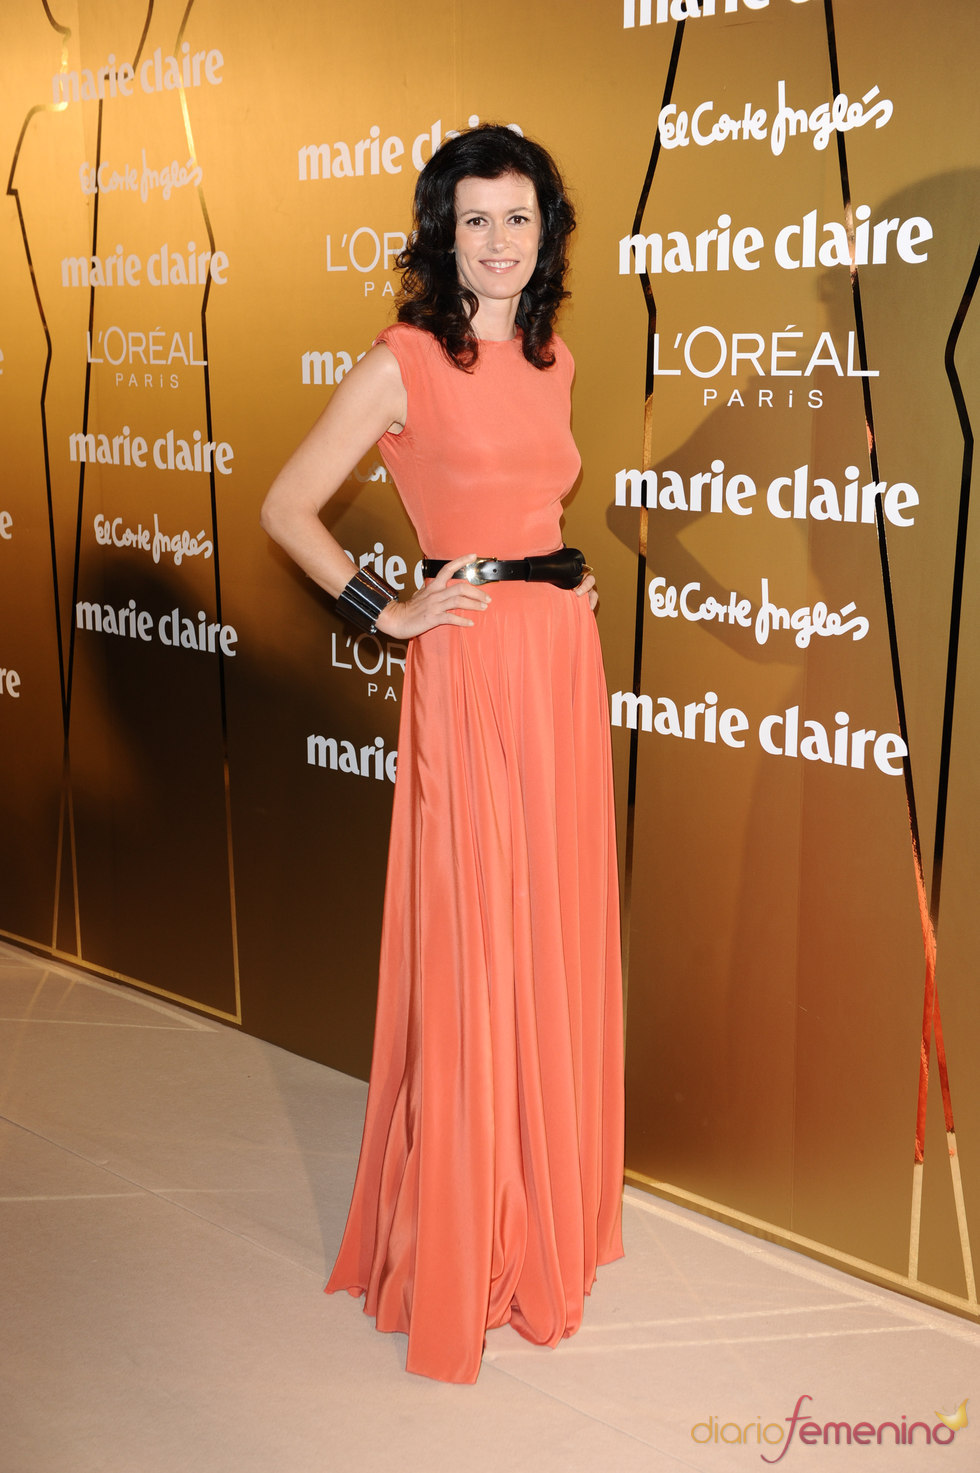 Muria March en los Premios Marie Claire 2010